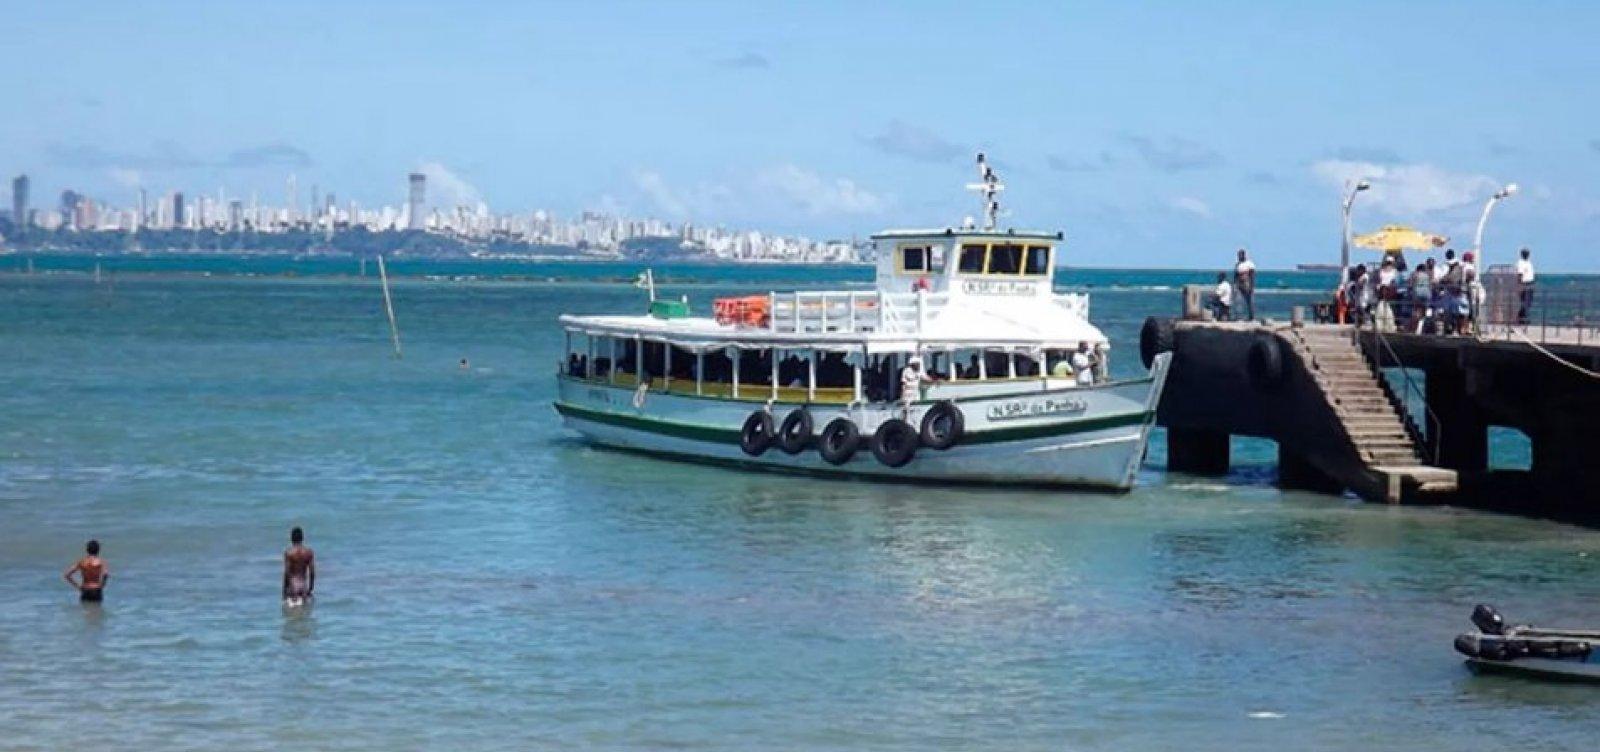 Travessia Salvador-Mar Grande será encerrada mais cedo devido à maré baixa